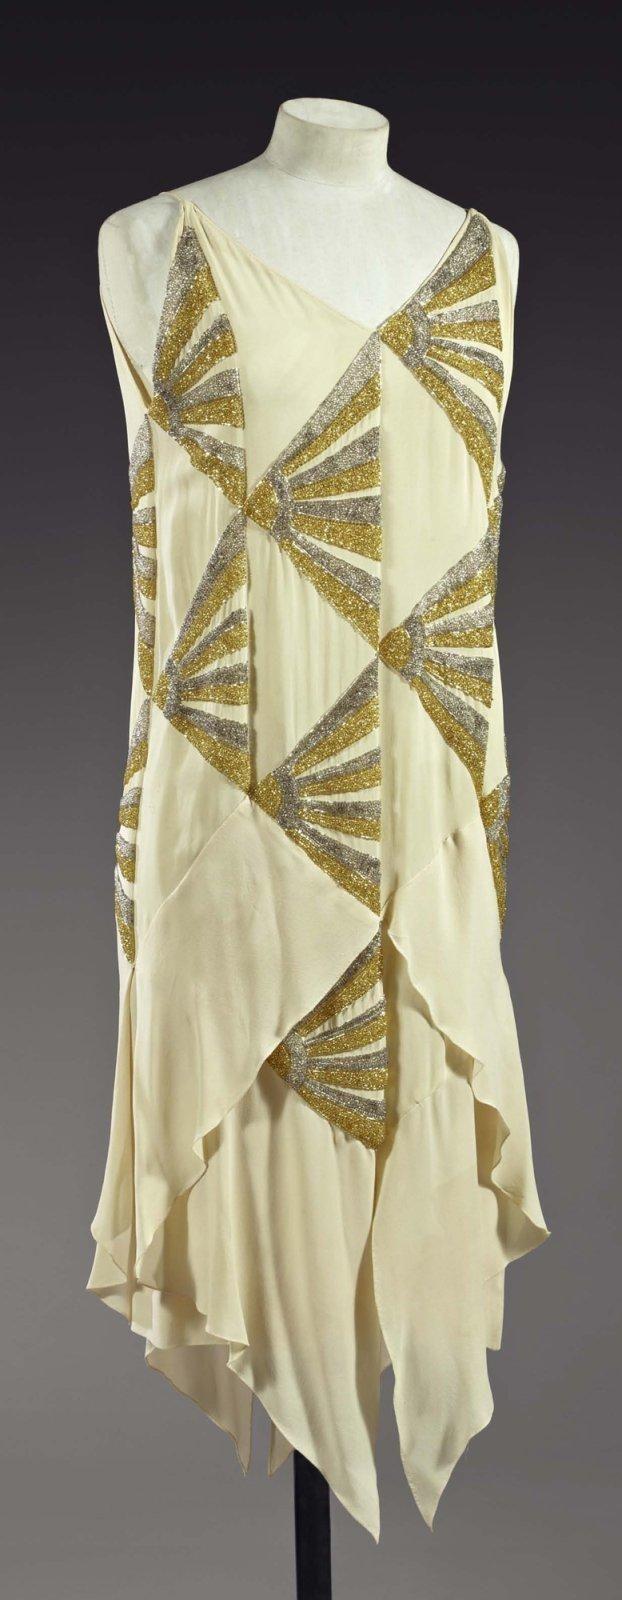 """Madeleine Vionnet Robe du soir """"éventails Japonais"""", 1925 (attribuée à). Robe courte en crêpe romain ivoire rebrodé d'éventails japonais stylisés en dégradés de perles de verre argent et or. Décolleté en """"V"""", volant en pointe devant et derrière. Griffe manquante. Très influencée par les arts décoratifs en particuliers les laques et les kimonos japonais, Madeleine Vionnet s'en inspira dans de nombreuses créations des années 20."""